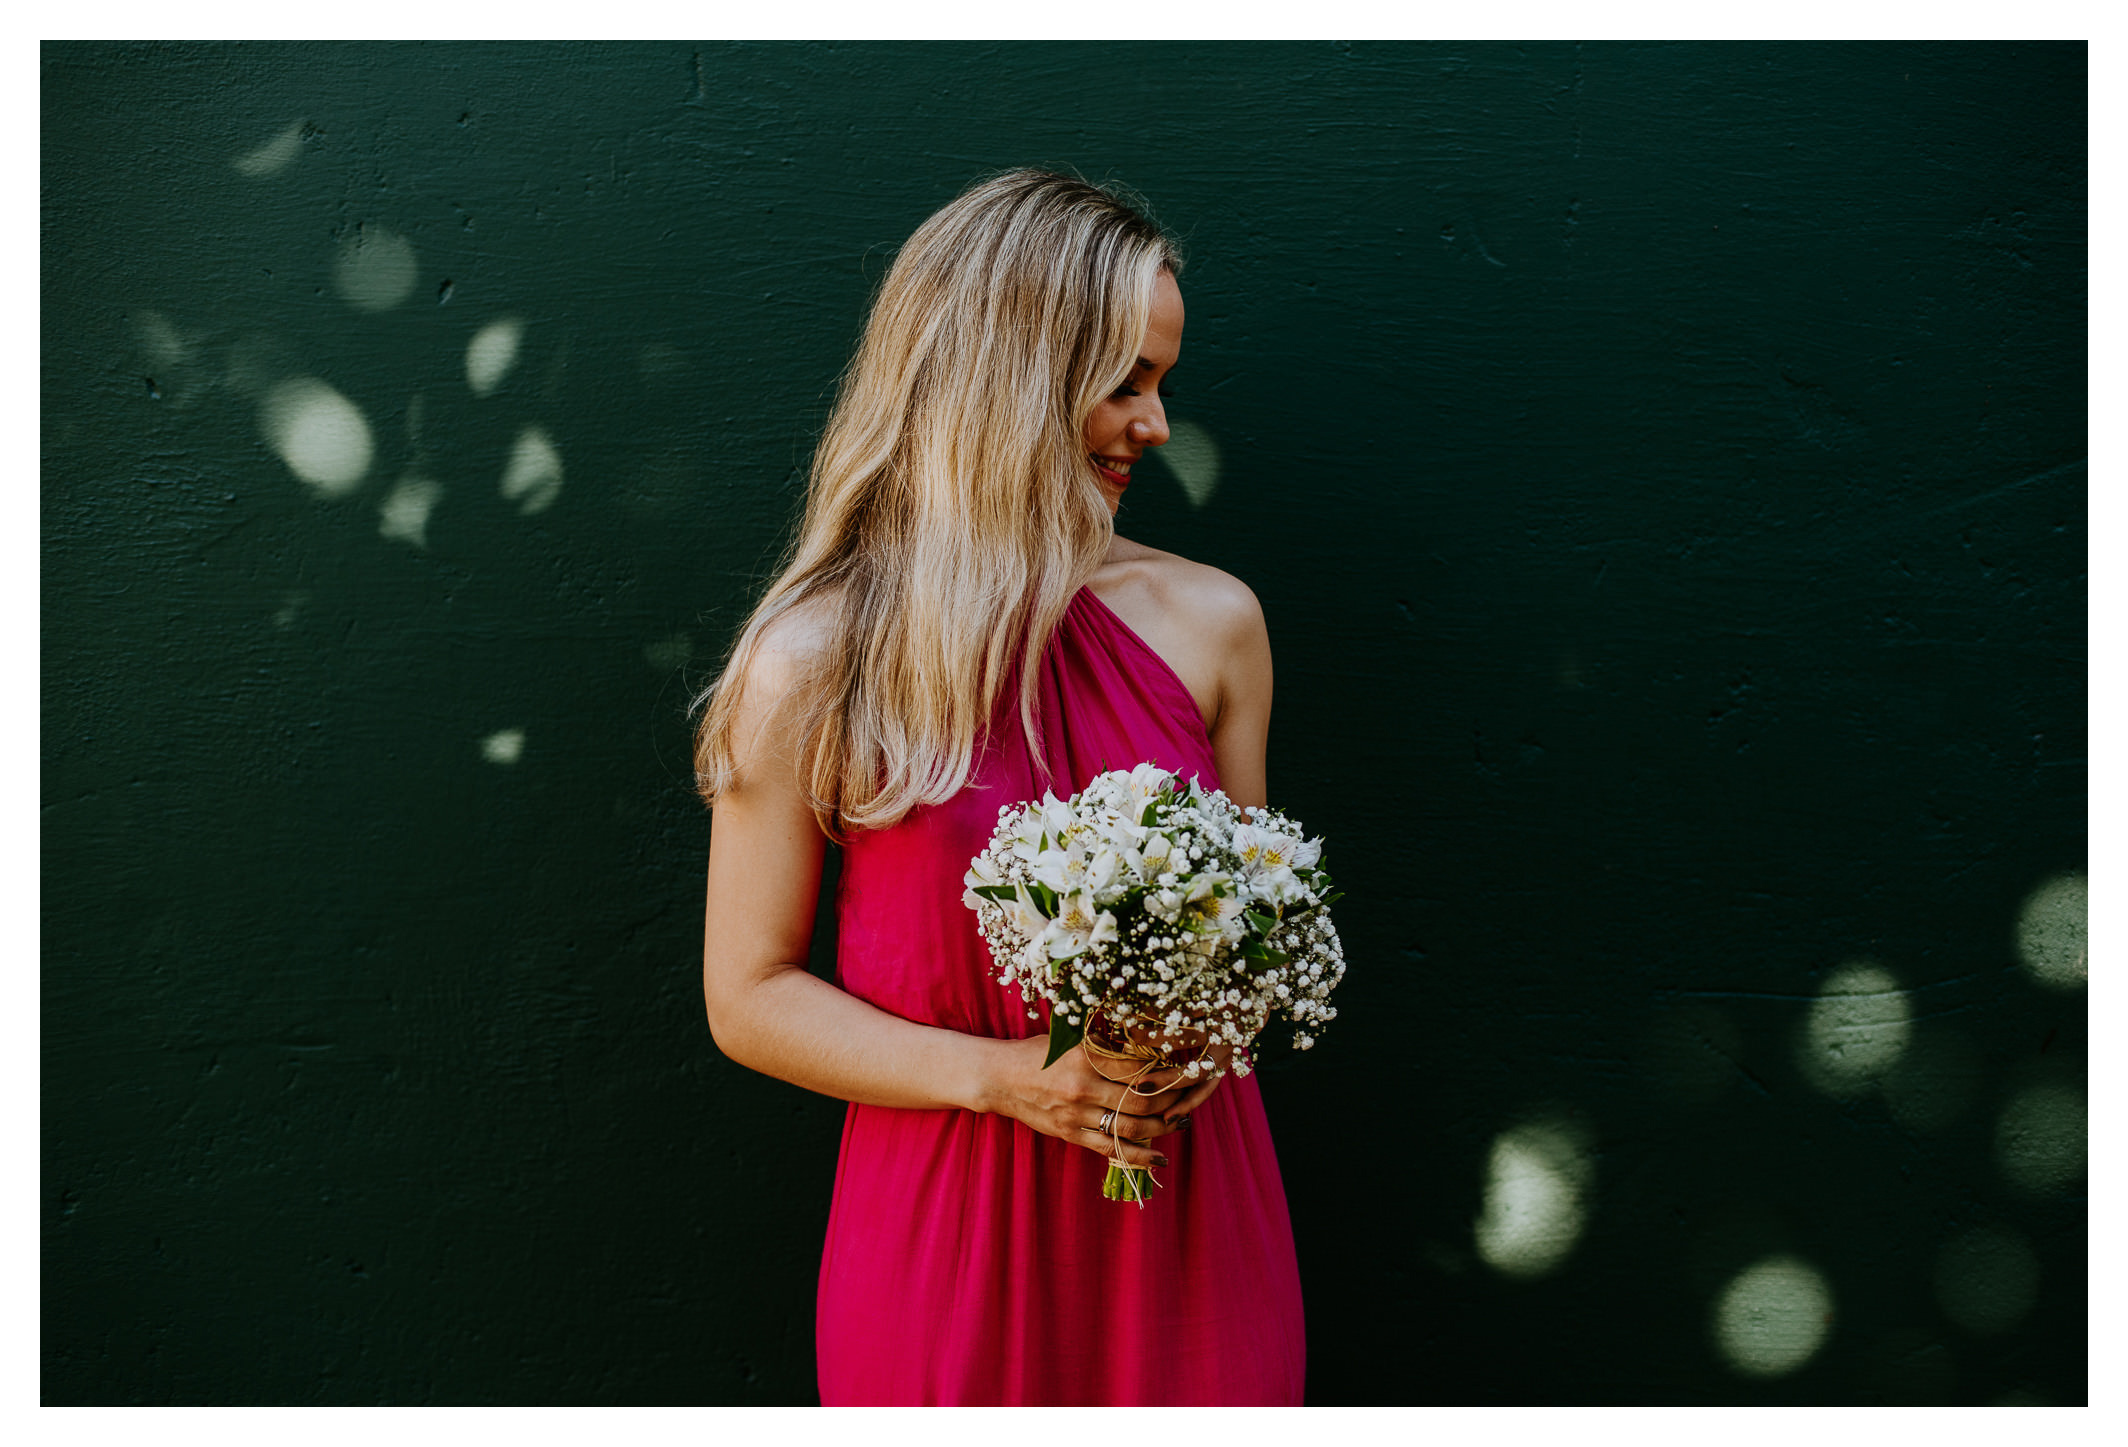 Contate 3Clics Fotografia - Fotógrafo Casamentos Fortaleza, Ensaios e Eventos. Fortaleza - CE